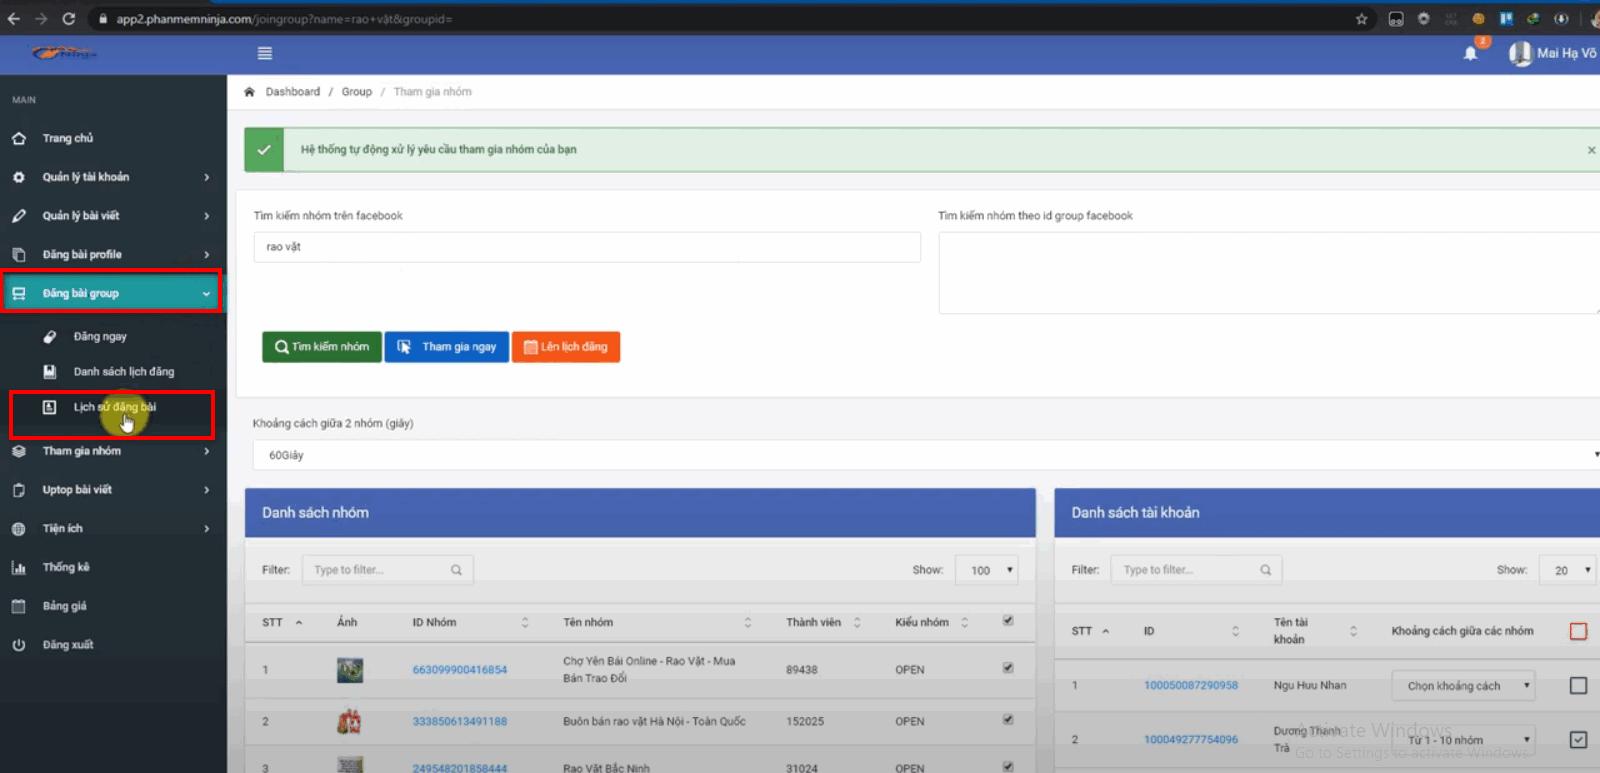 phan mem auto facebook 1 Phần mềm Auto Facebook hướng dẫn tham gia nhóm tại version mới